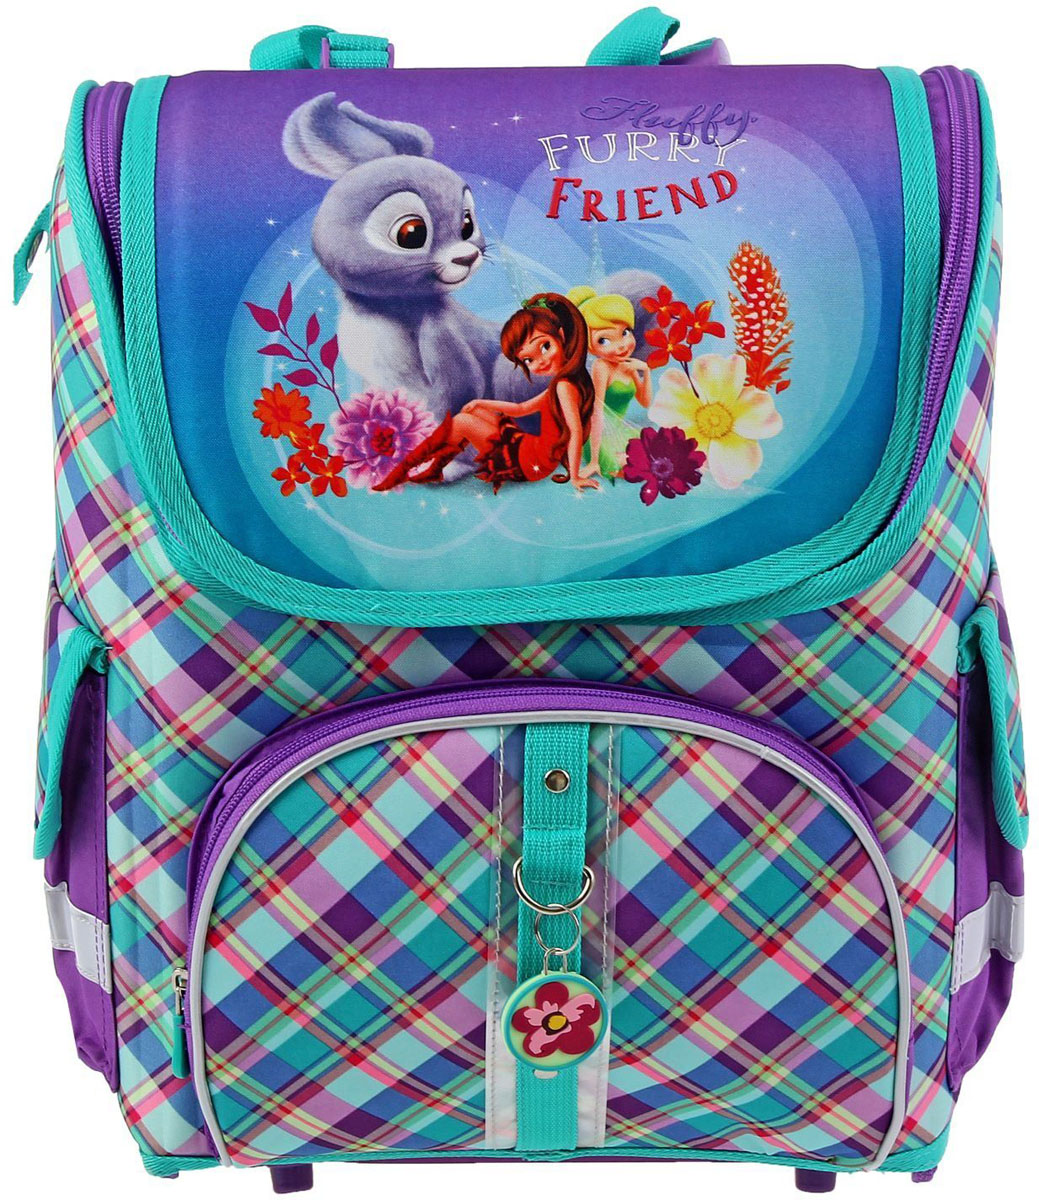 Disney Ранец школьный Феи и невиданный зверь цвет светло-коричневый бирюзовый1380970Ранец, или портфель, — это жёсткая ученическая сумка, которая является традиционным атрибутом школьного «снаряжения».Характеристики идеального современного ранца для школьника выглядят так:жёсткие корпус и спинка;регулируемые широкие мягкие лямки;наличие светоотражателей;масса — 600?800 г;мягкие подушечки на спинке и сетчатая, «дышащая» задняя сторона.Ранец стандарт раскладной Disney Феи и невиданный зверь, Light 36*27*20 , для девочки Бирюза, EK 37683 — это очень практичное и качественное текстильное изделие, которое отвечает всем перечисленным требованиям.Жёсткий корпус защитит ребёнка и содержимое: он не позволит книгам и учебникам «втыкаться» в спину и сбережёт ранец, если ученик его уронит. А смягчающие элементы (поролон и сетка) сделают процесс ношения этого изделия комфортным.